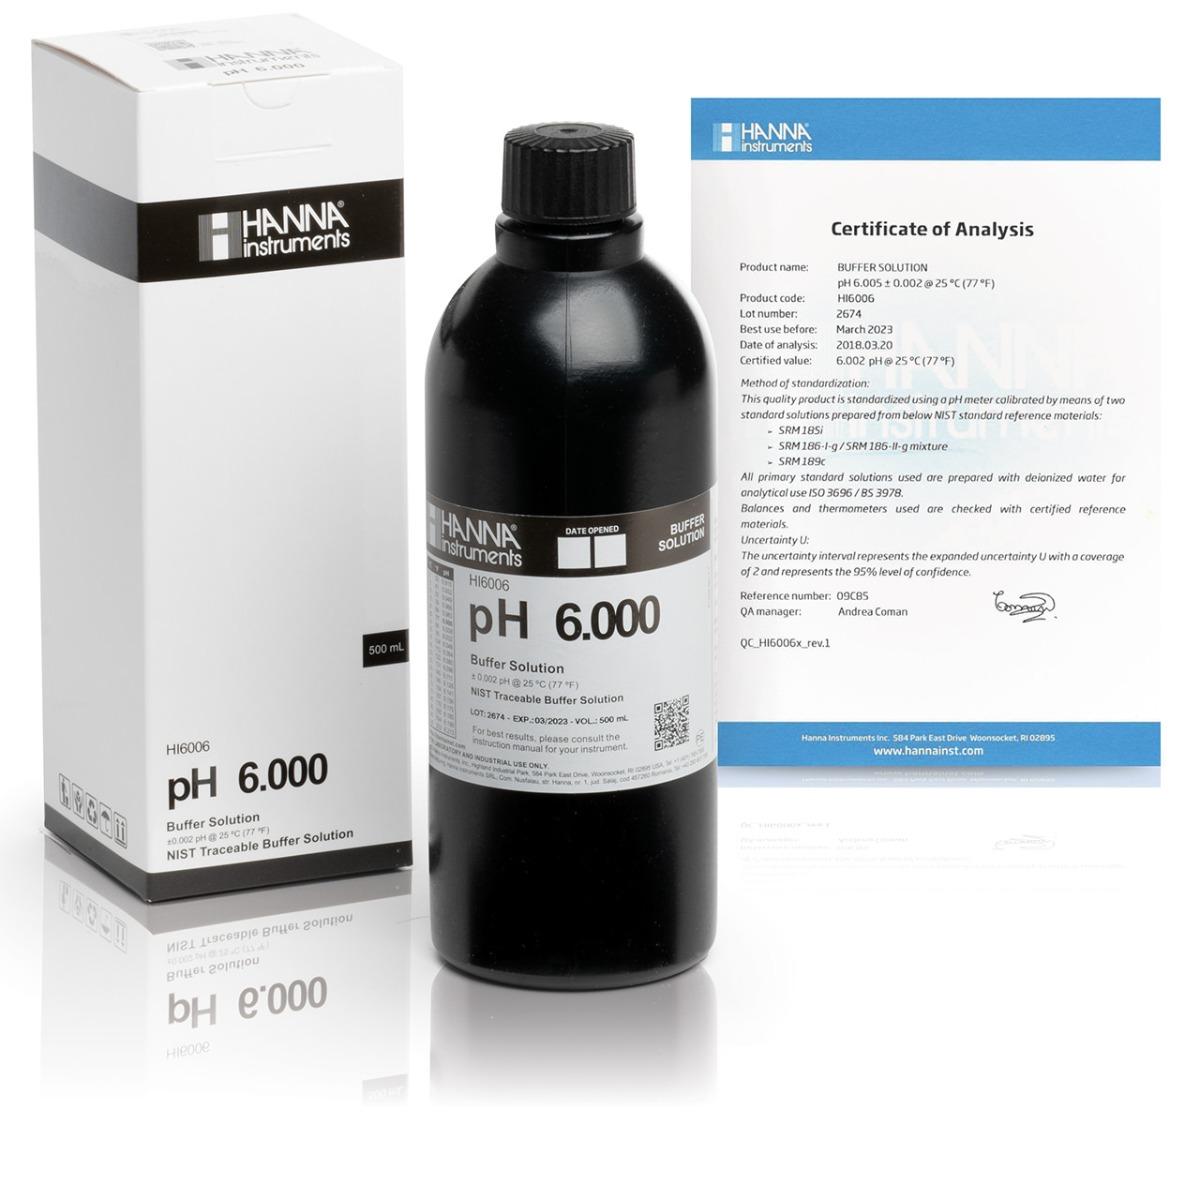 HI6006 pH 6.000 Millesimal Calibration Buffer (500 mL)